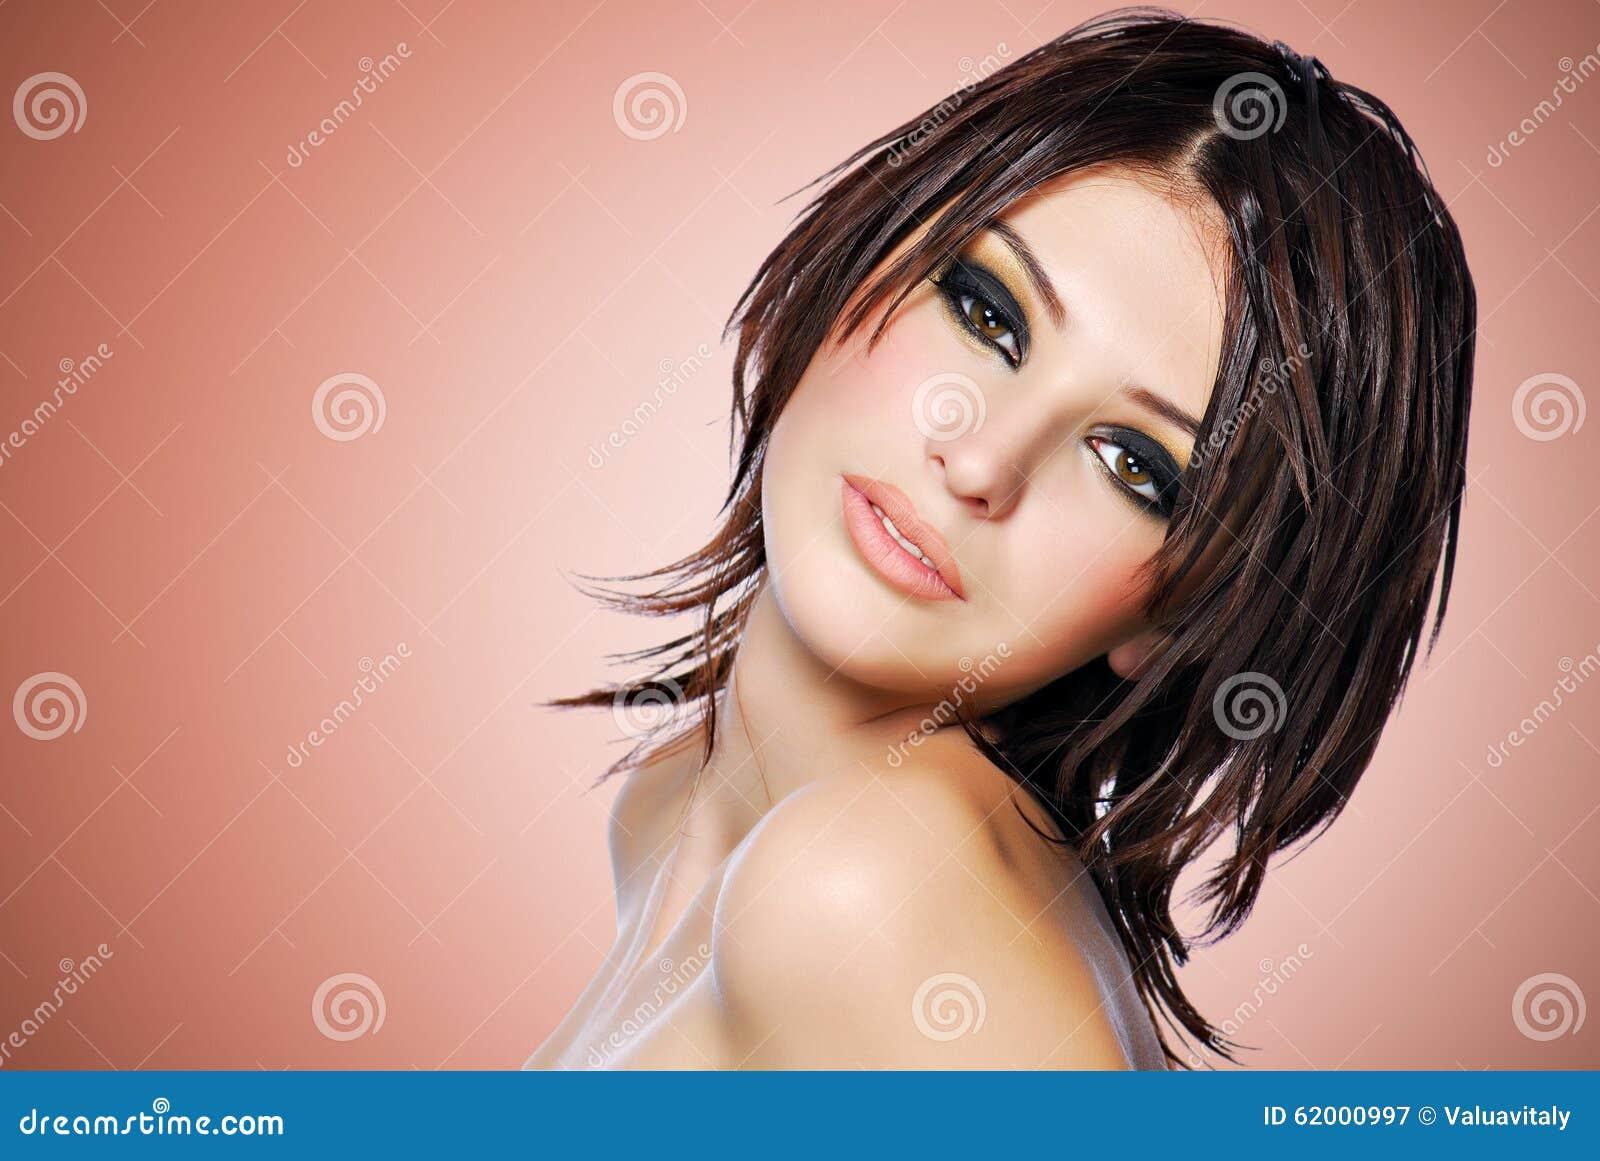 Portret van een mooie vrouw met creatief kapsel